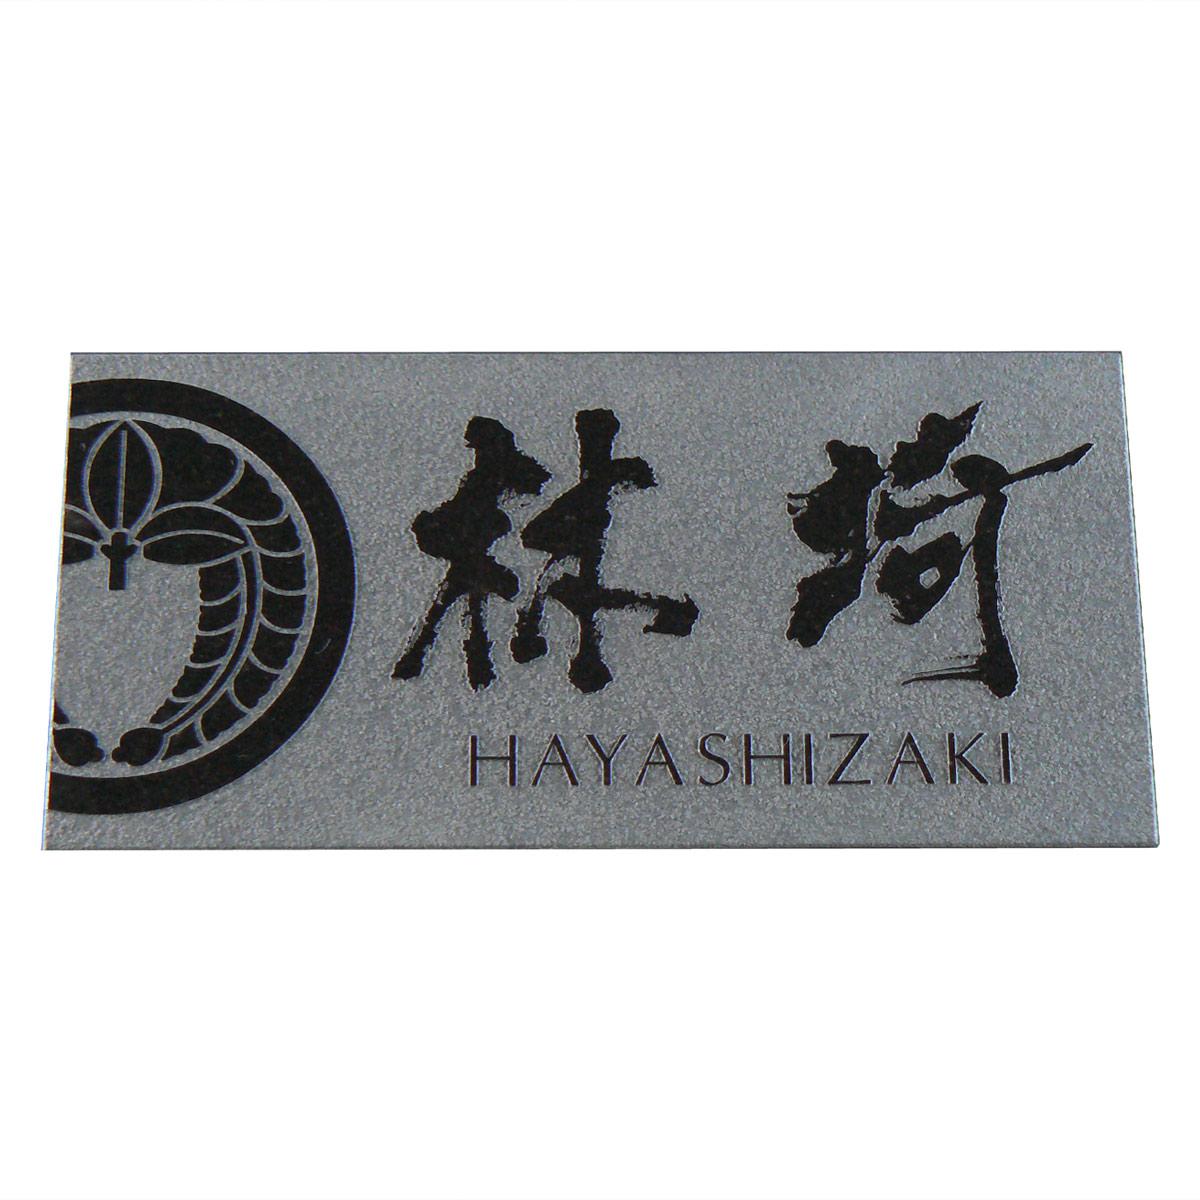 細かな家紋も彫刻できます 手書きの文字もそのまま表札にできます 捧呈 表札 訳あり品送料無料 家紋入り表札 直筆表札 送料無料 黒御影 天然石